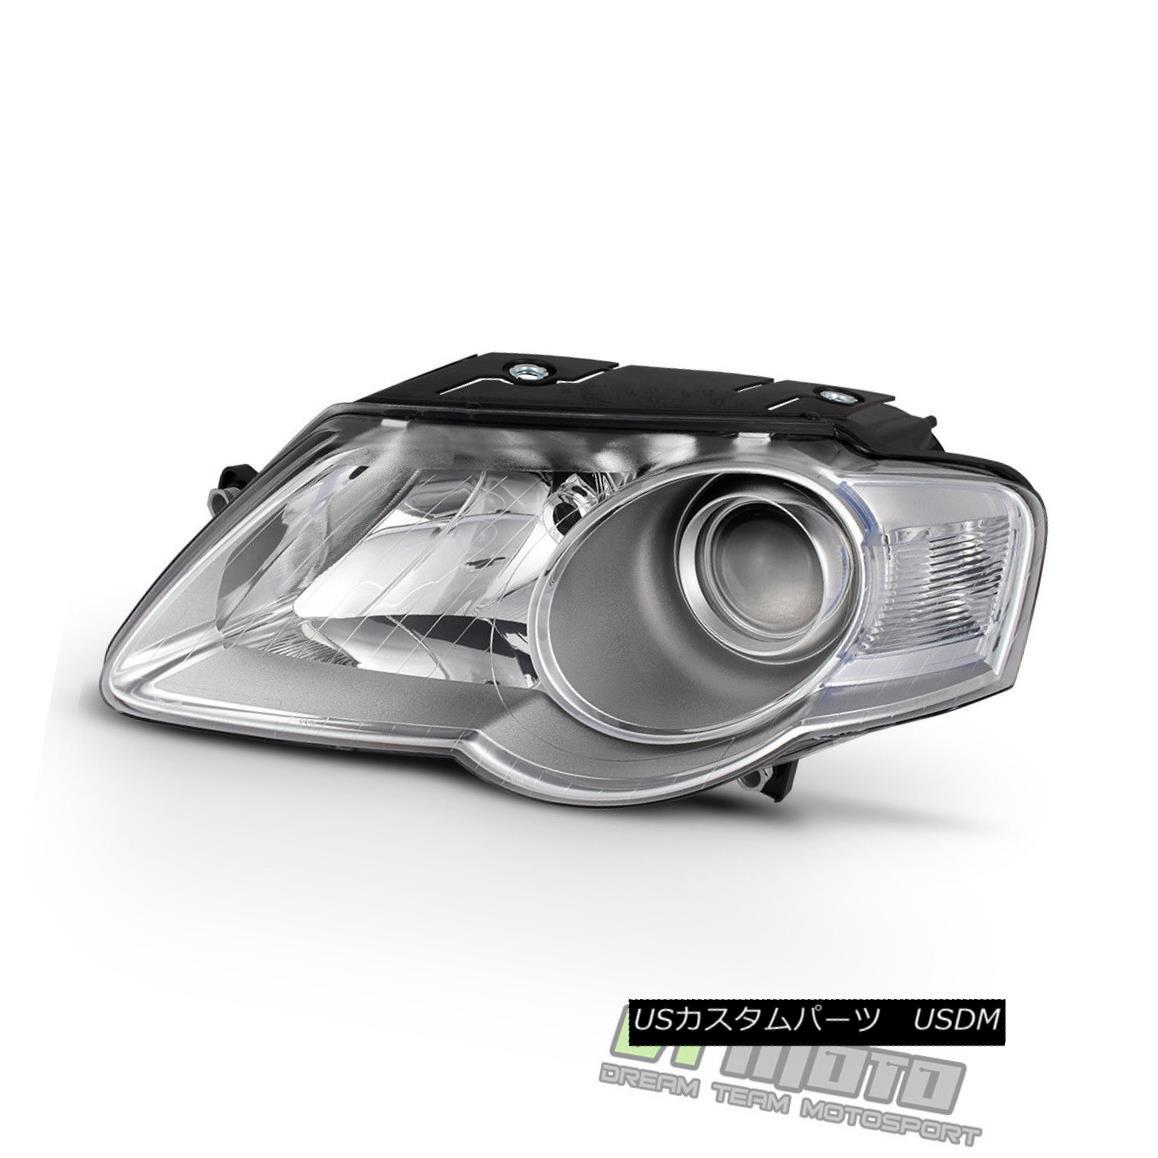 ヘッドライト 2006-2010 Volkwagen Passat Headlight Headlamp Replacement 06-10 Left Driver Side 2006-2010フォルクスワーゲンパサートヘッドライトヘッドライト交換06-10左ドライバーサイド